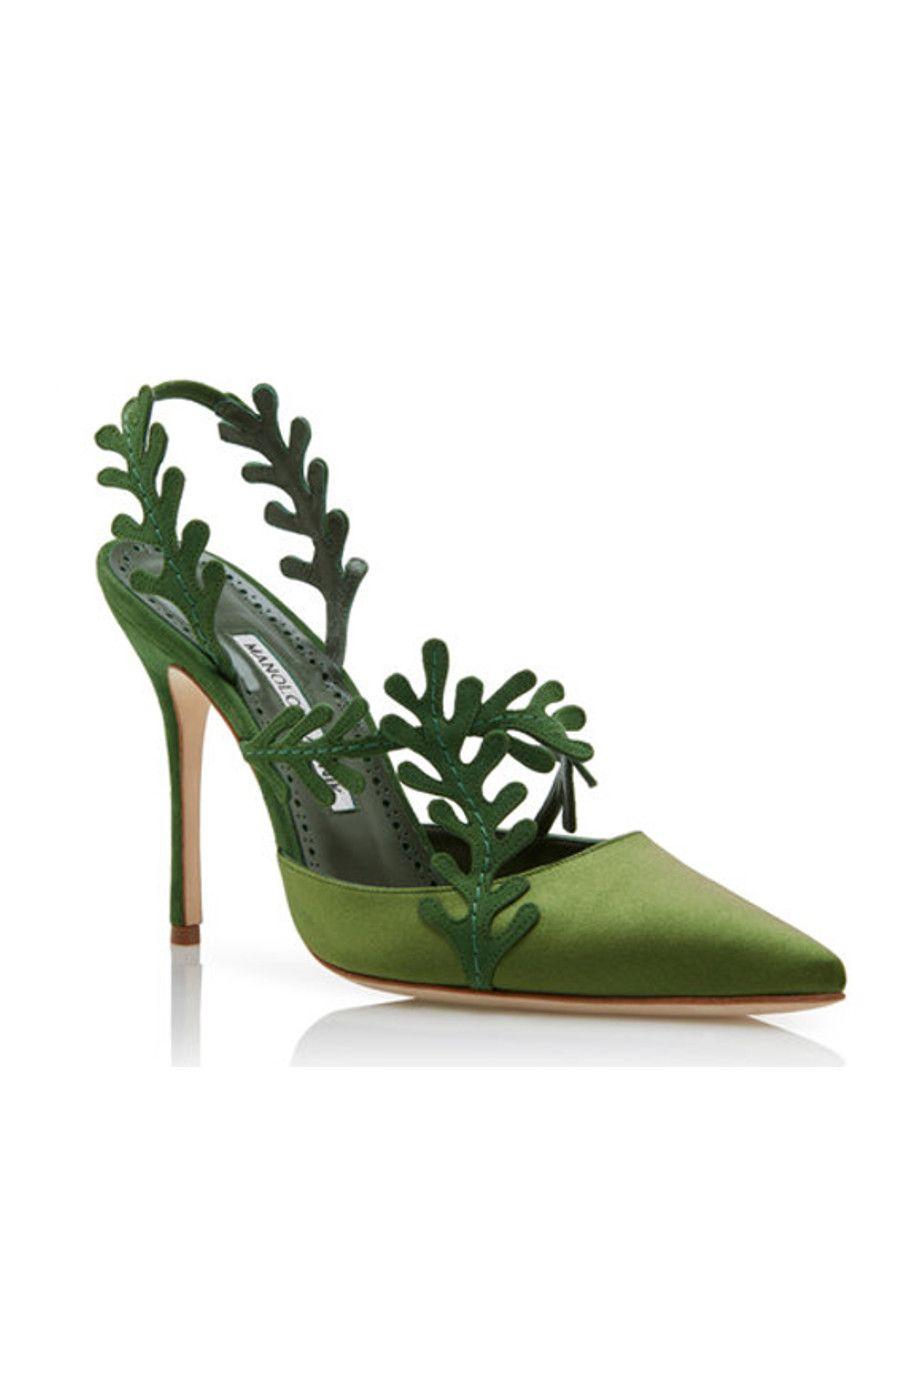 Tacchi alti da cerimonia come le scarpe verdi di Manolo Blahnik